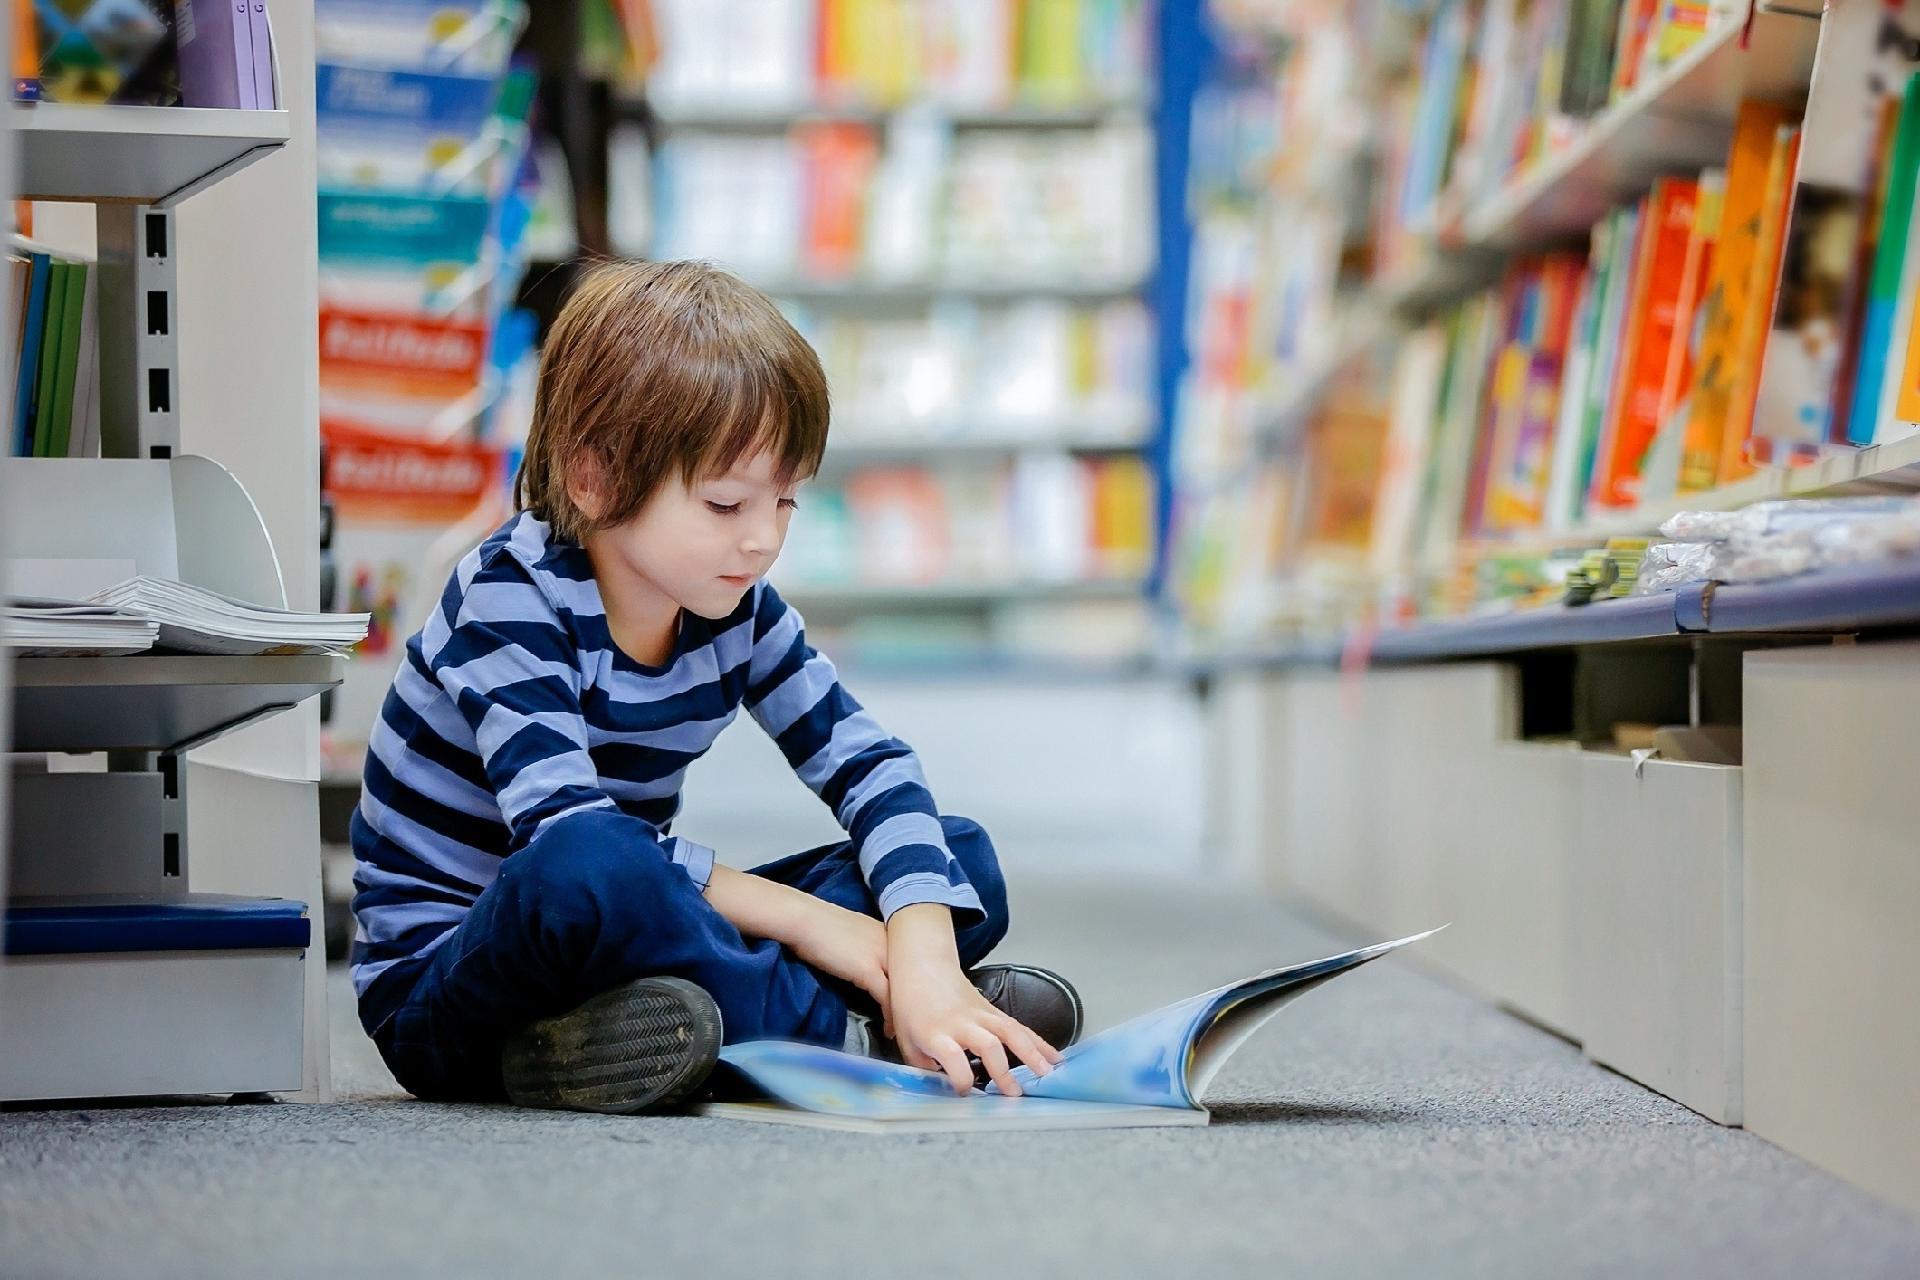 be12ff25d Uso de lente com filtro verde acelera a leitura de crianças com dislexia -  12/09/2018 - UOL VivaBem